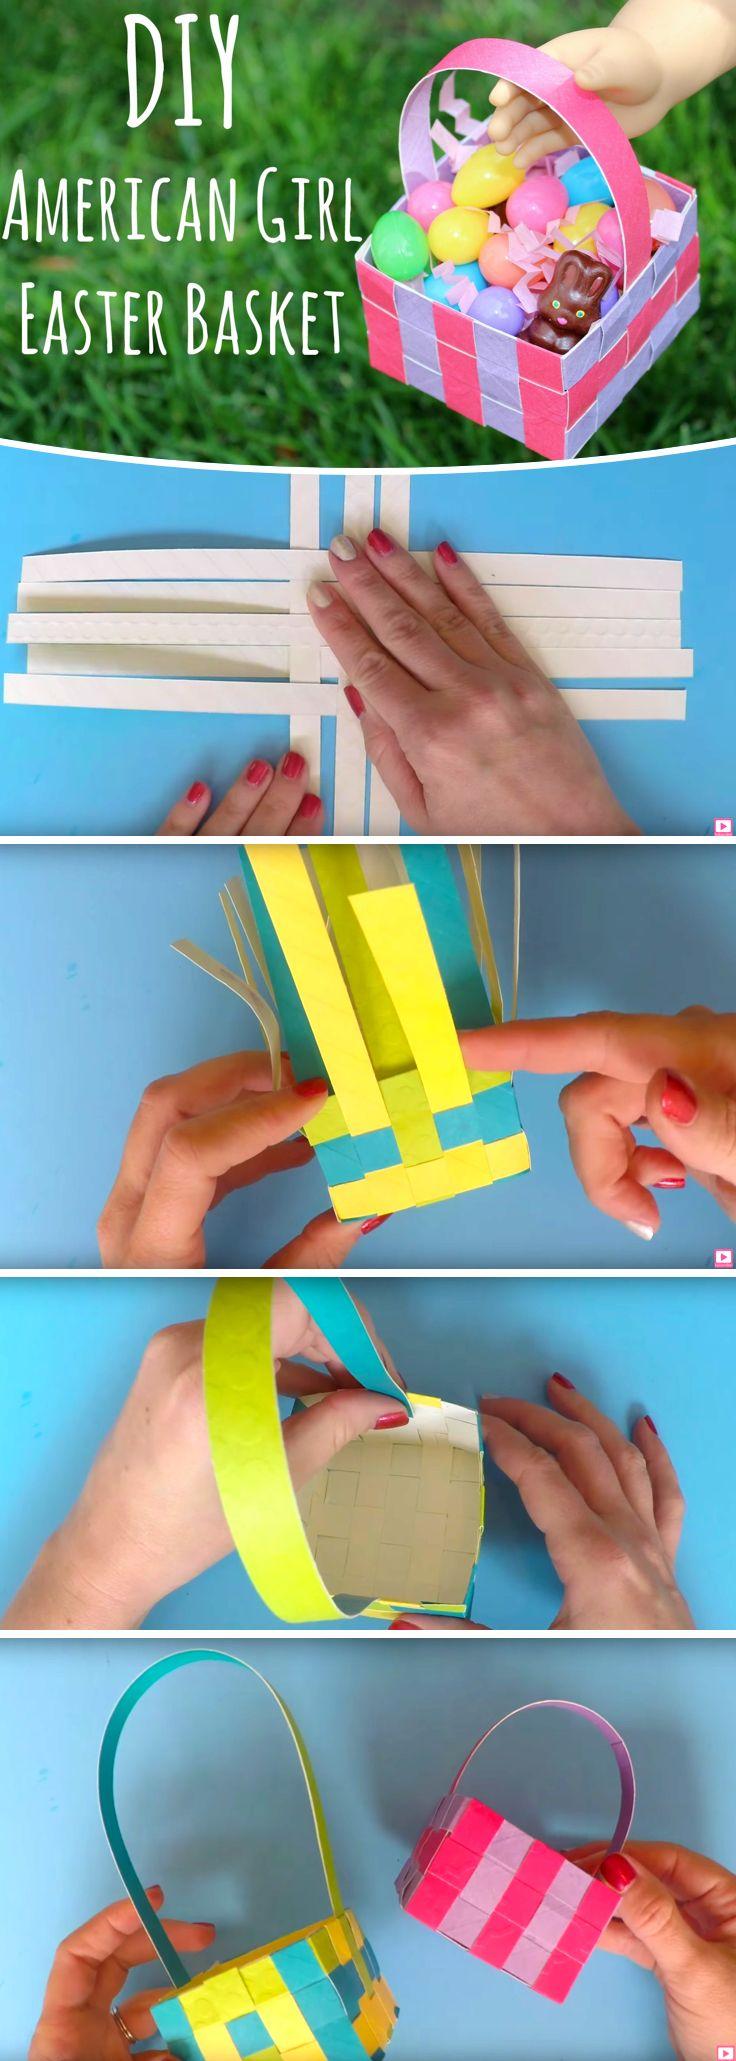 How to Make DIY Doll Easter Baskets #diy #doll #easter #basket #ideas #